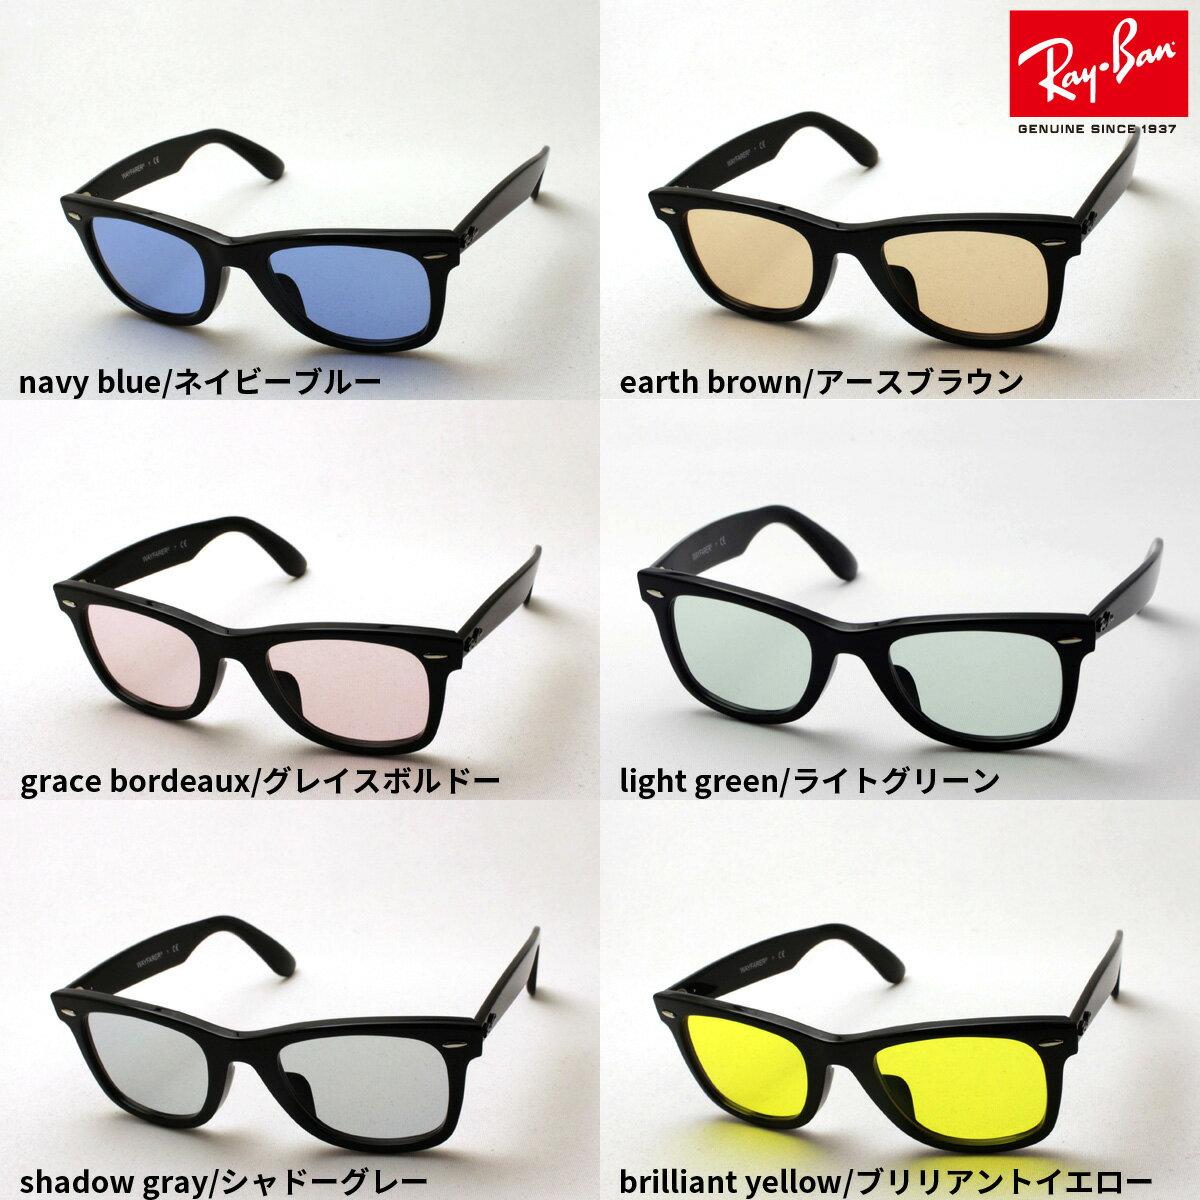 正規レイバン 日本最大級の品揃え レイバン サングラス ウェイファーラー Ray-Ban RX5121F 2000 世界最高峰レンズメーカーHOYA製 ライトカラー レディース メンズ カラーレンズサングラス ブルーレンズ サングラス メガネ メガネフレーム RayBan light color ウェリントン